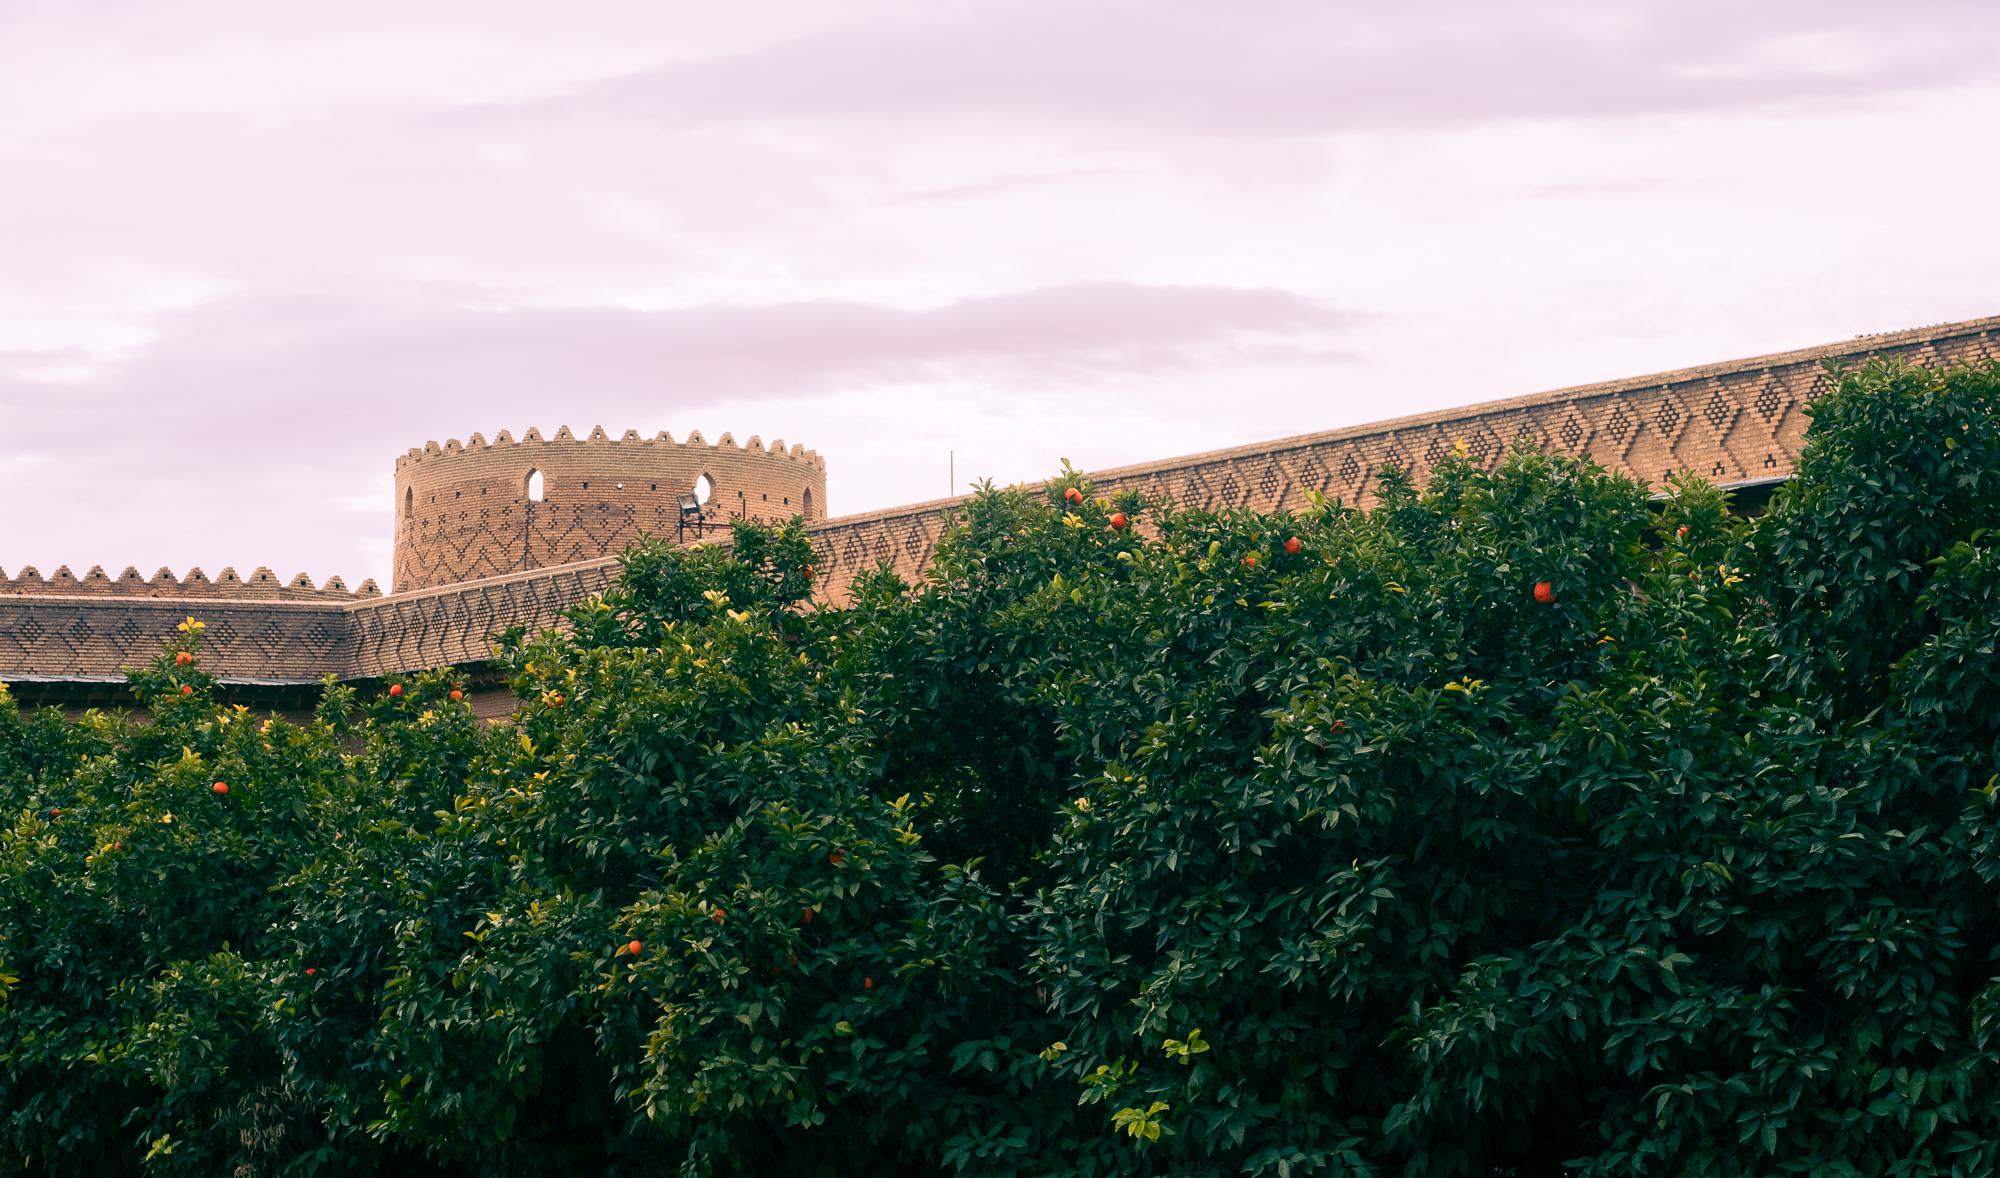 Citadel of Kareem Khan